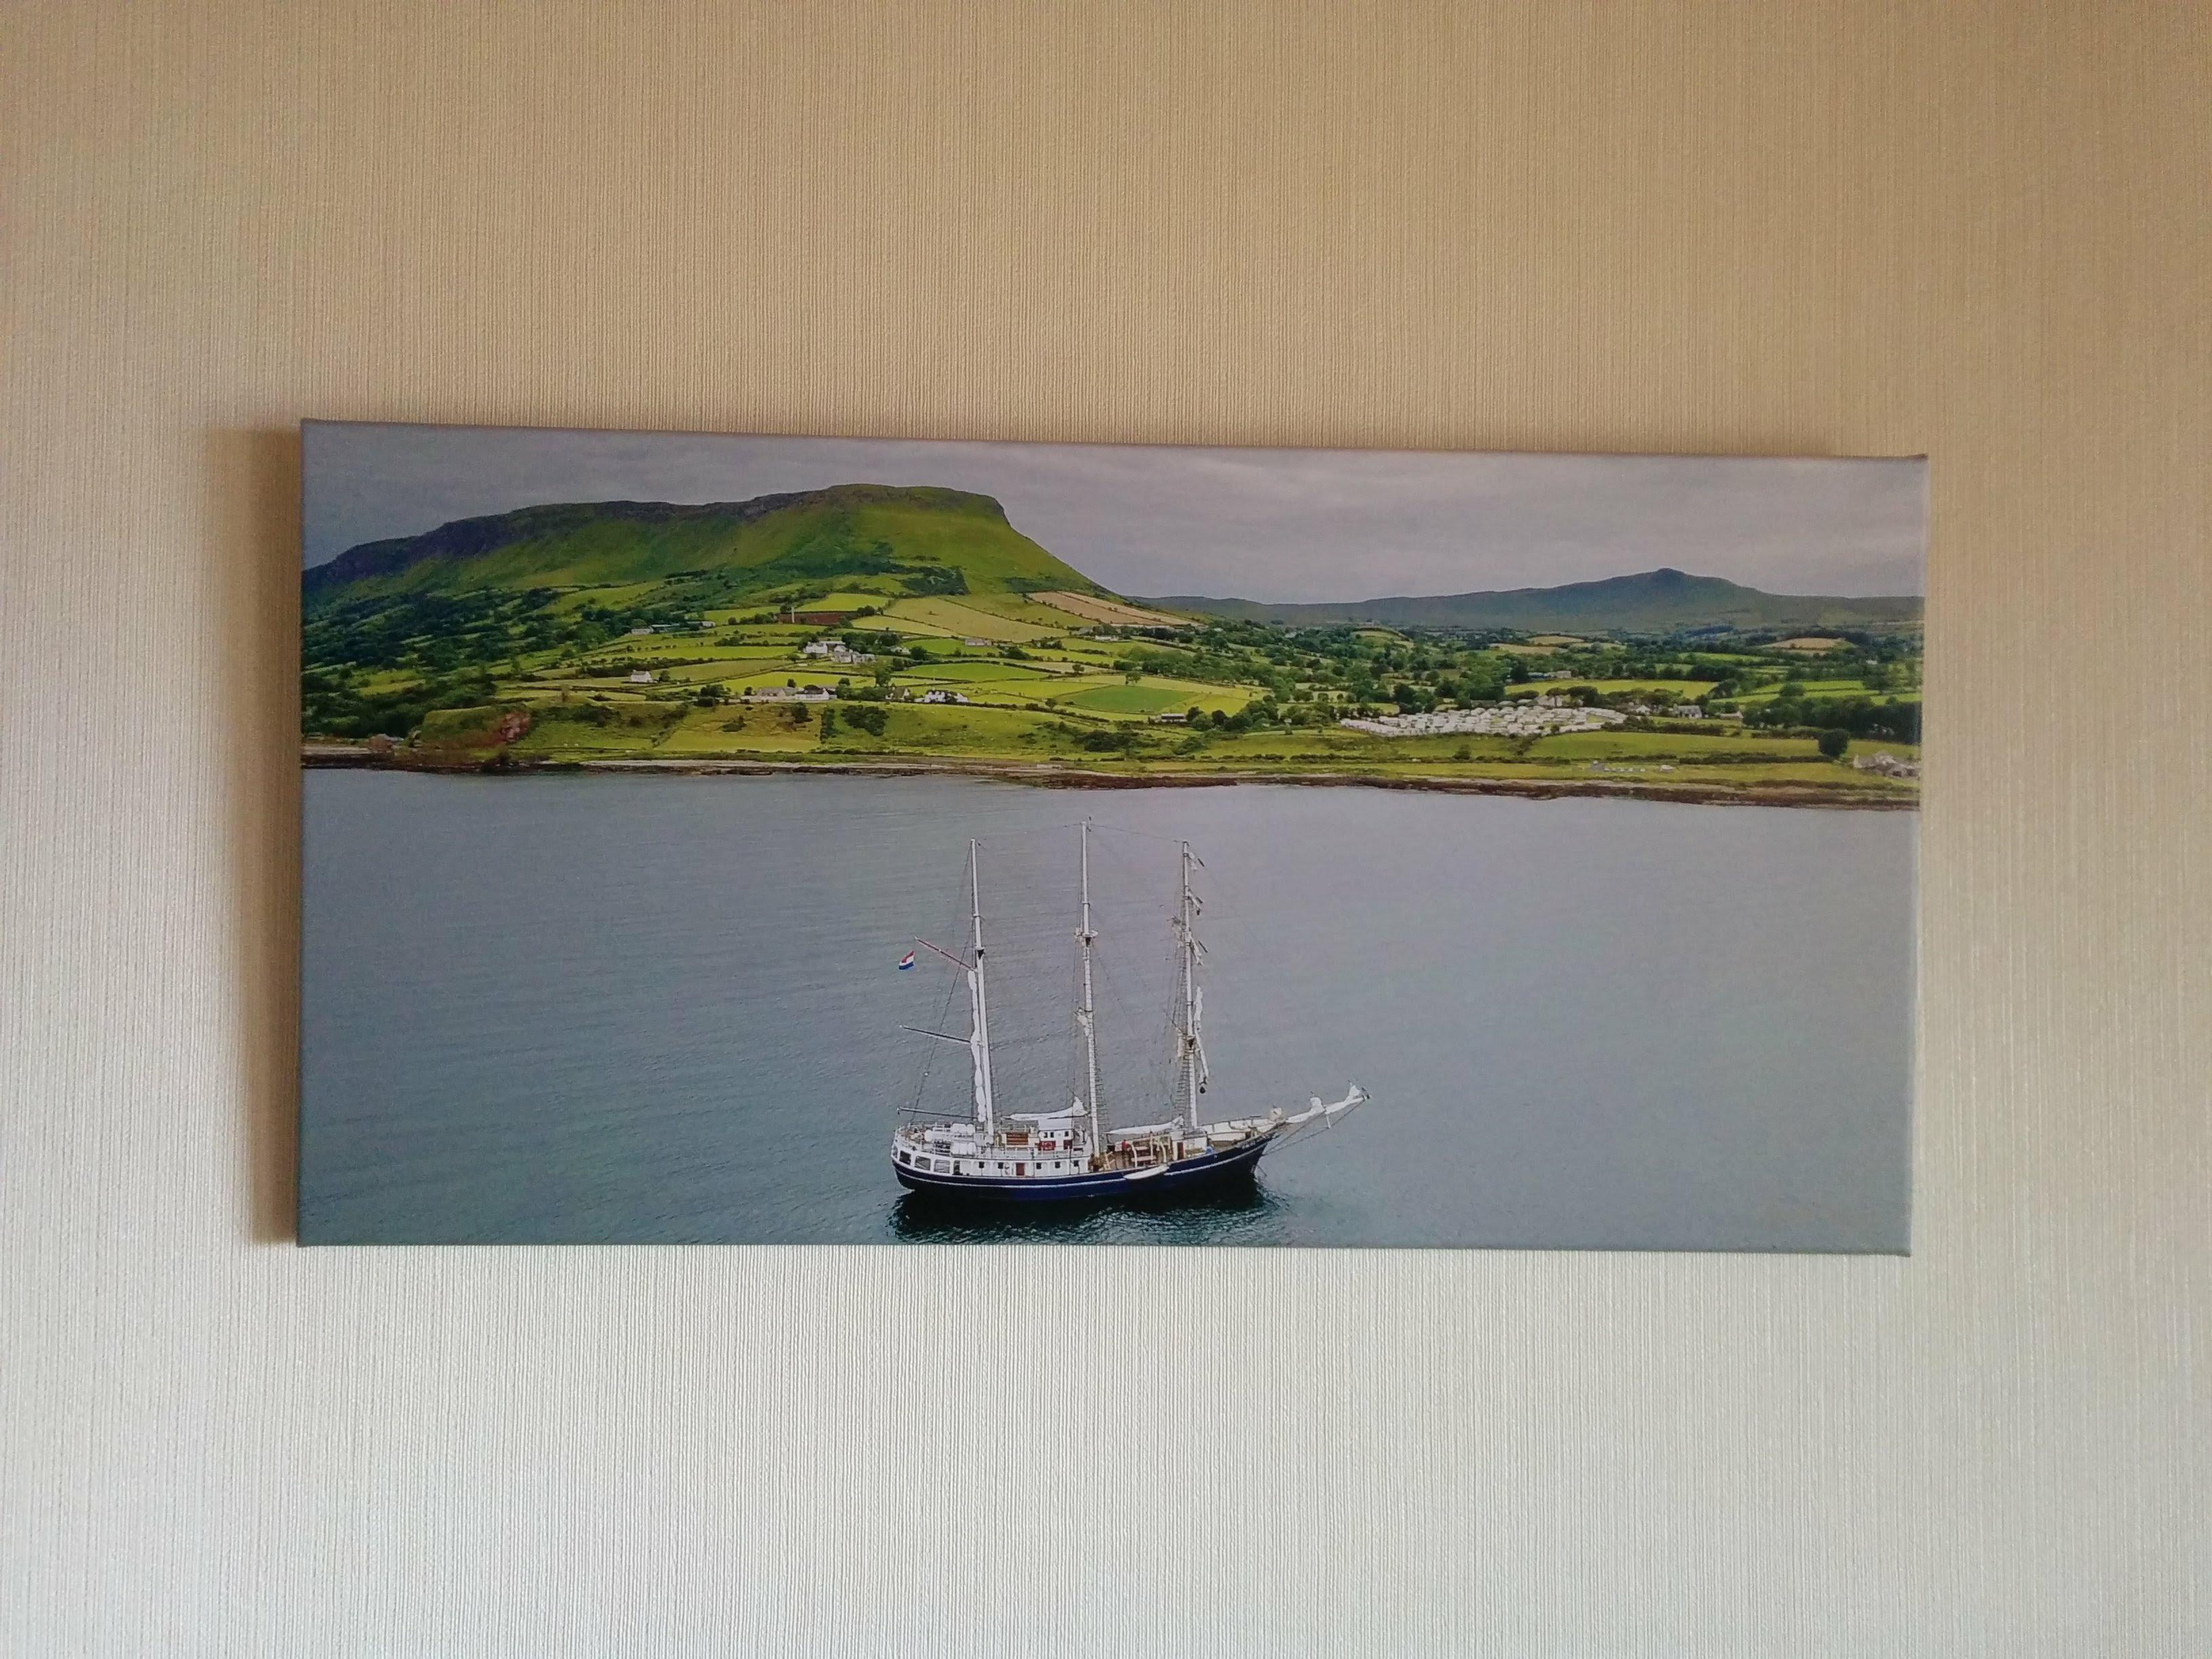 Tallship at anchor